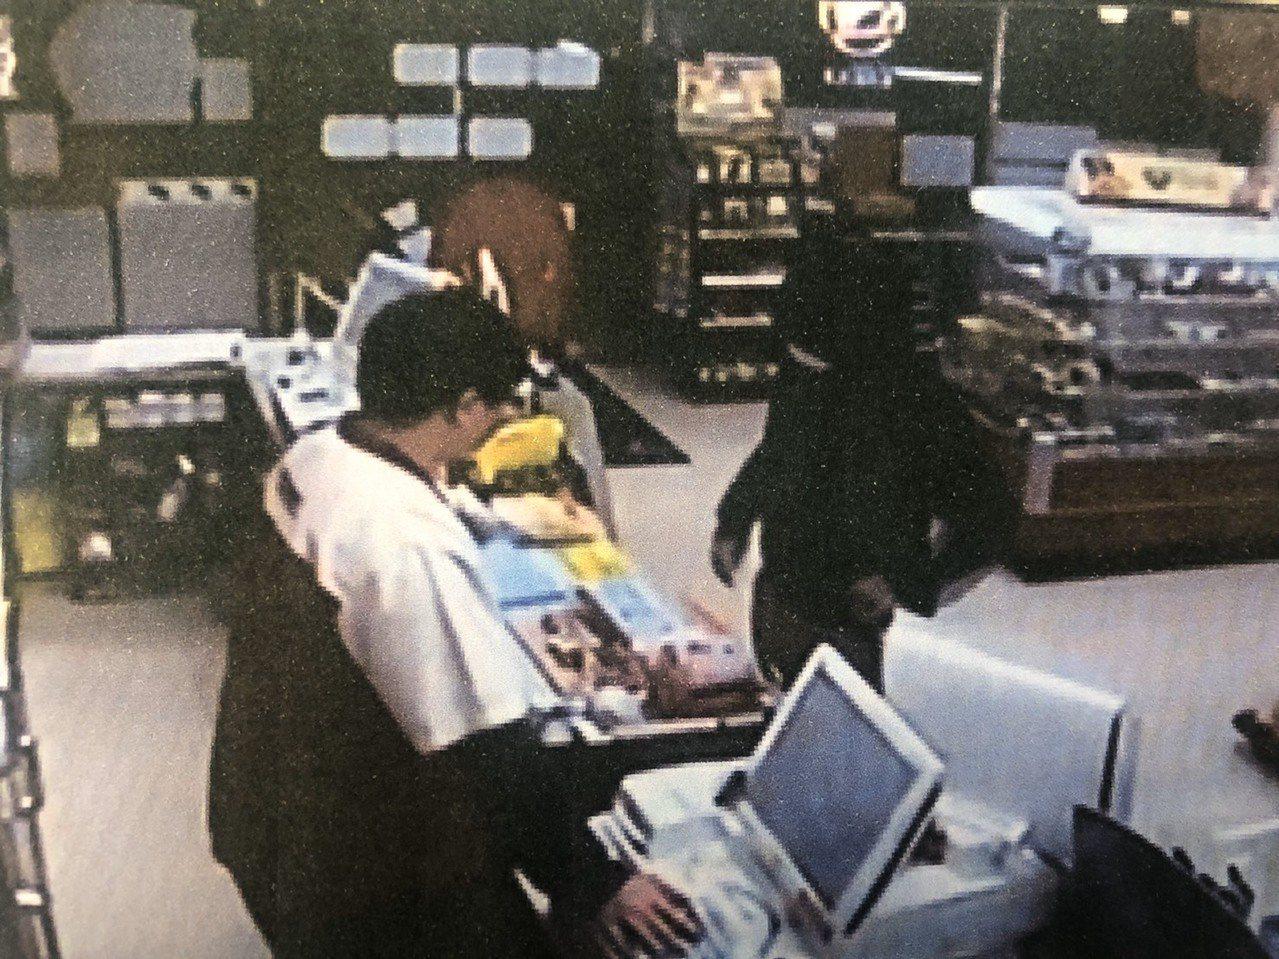 郭姓男子涉嫌持刀強盜超商600元,被警方逮捕法辦。記者黃宣翰/翻攝